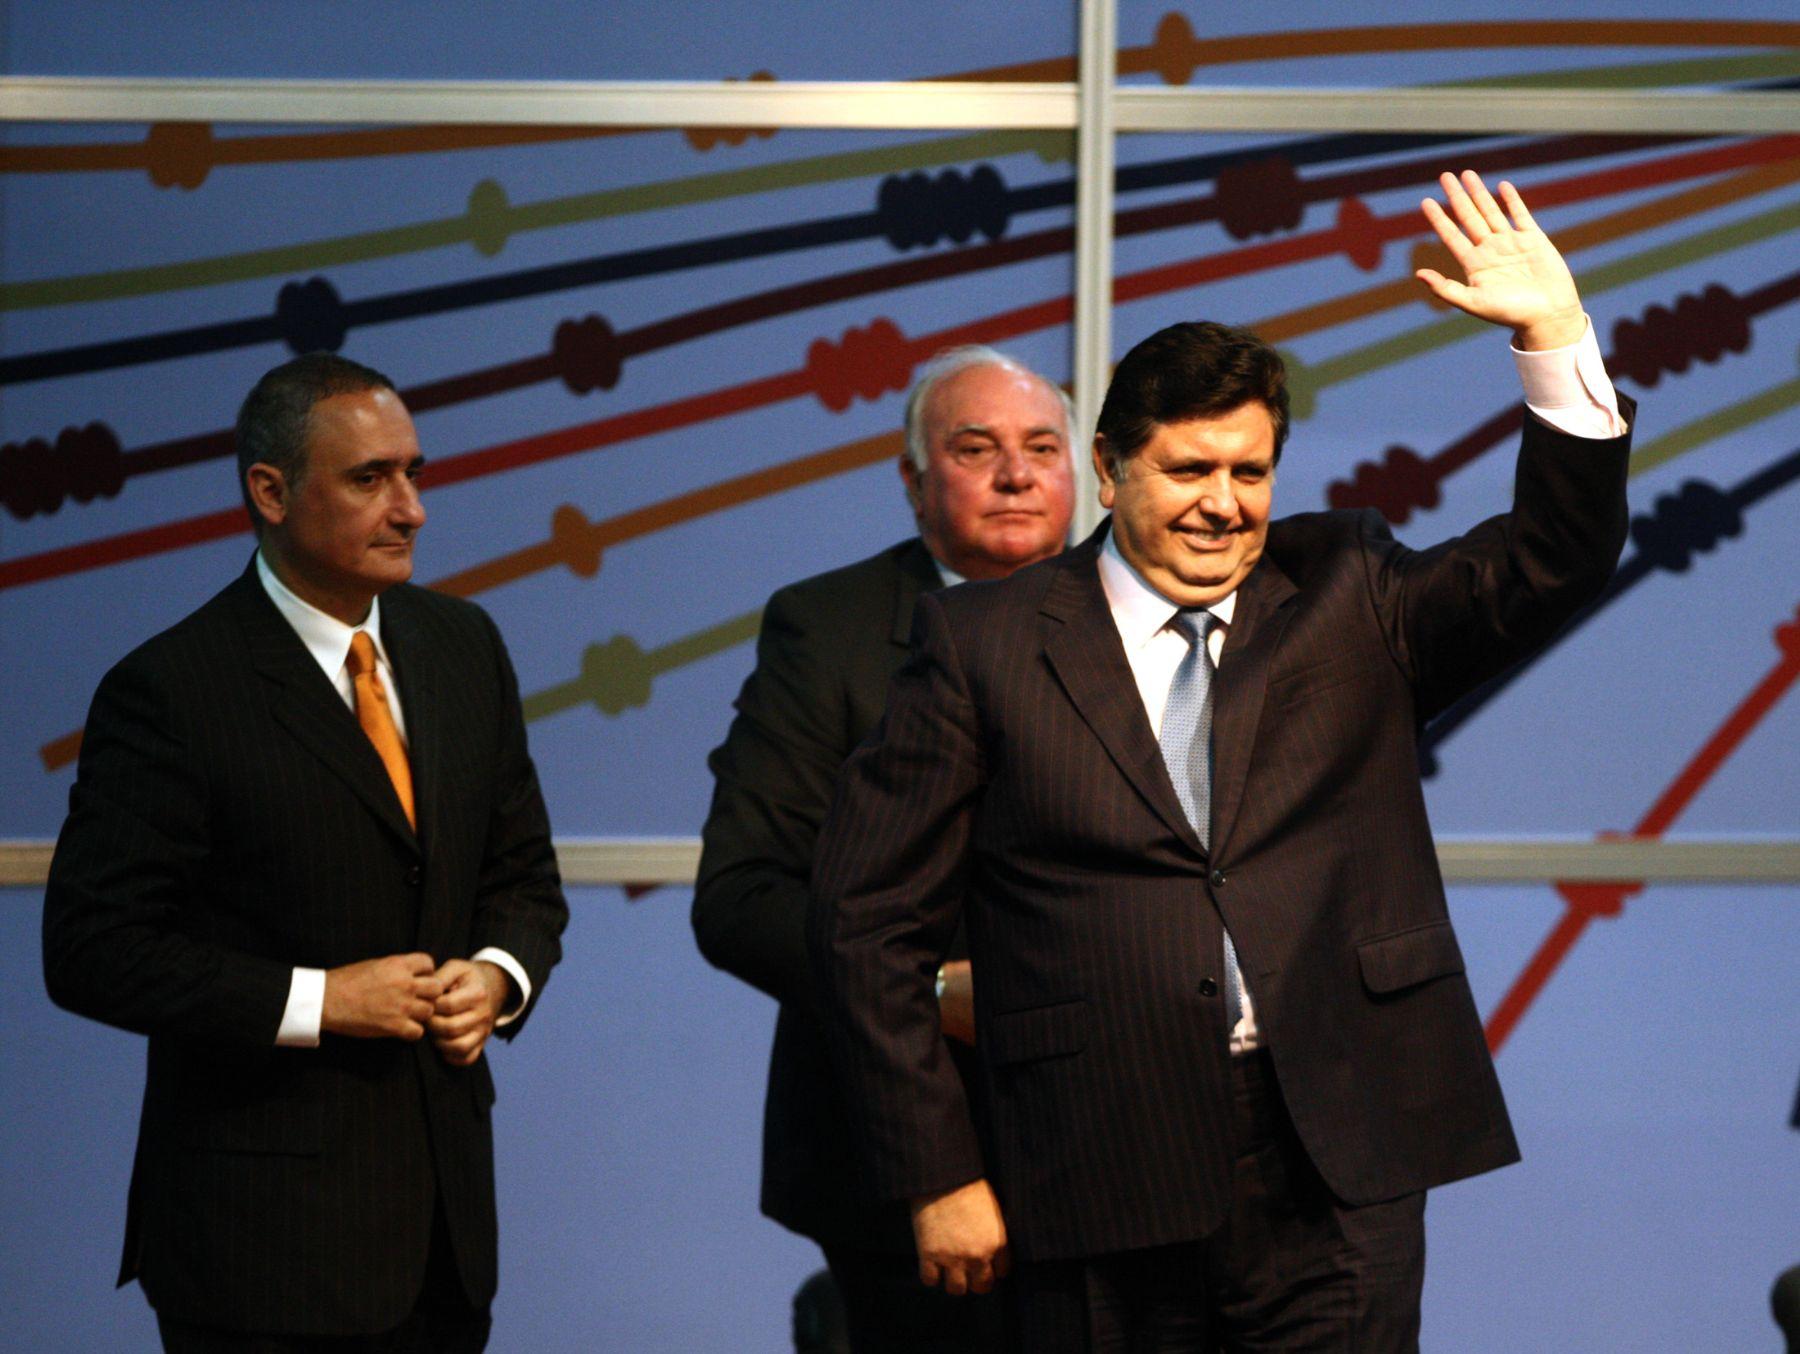 El presidente peruano Alan García clausura esta tarde la 2da Cumbre Pymes del Foro APEC, en el Centro de Convenciones de la Fortaleza del Real Felipe. Foto: ANDINA /Jack Ramon.